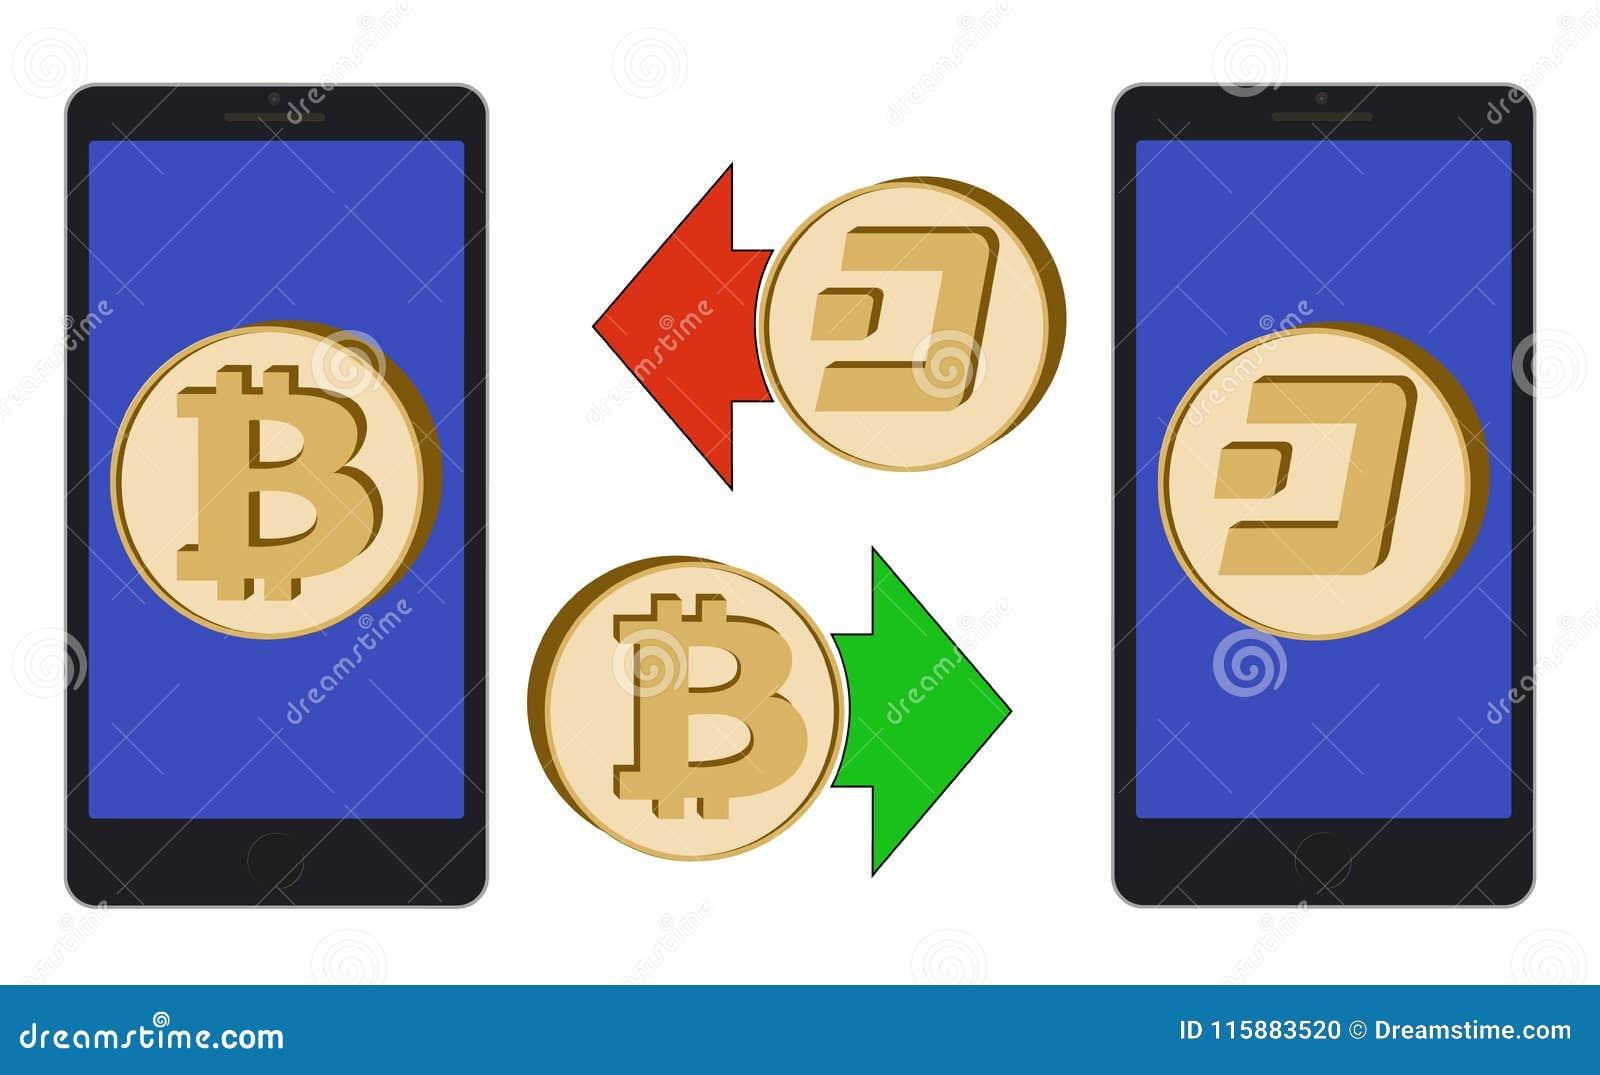 Обмен между bitcoin и черточкой в телефоне